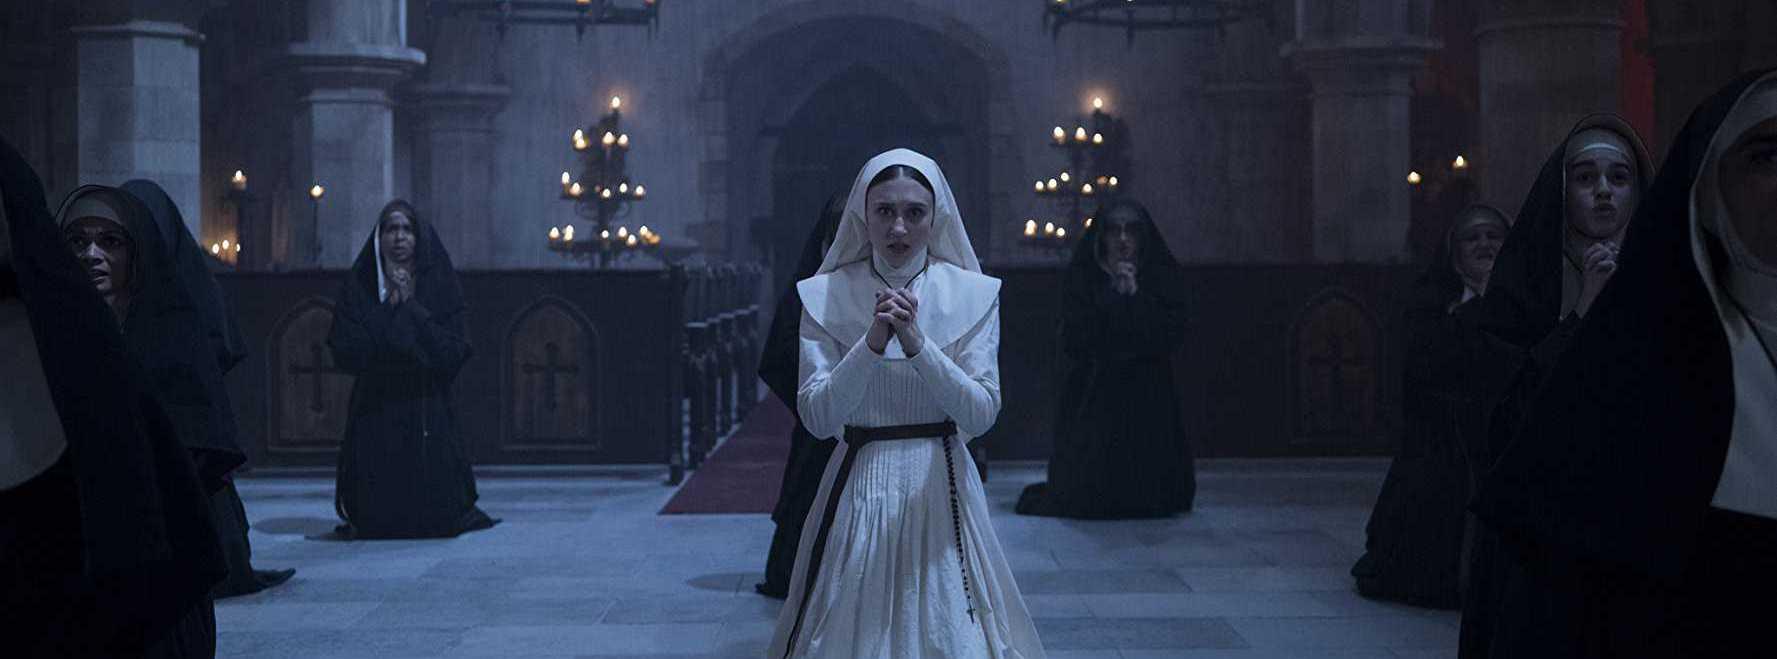 A Freira (The Nun, 2018) - Resenha - 8.jpg